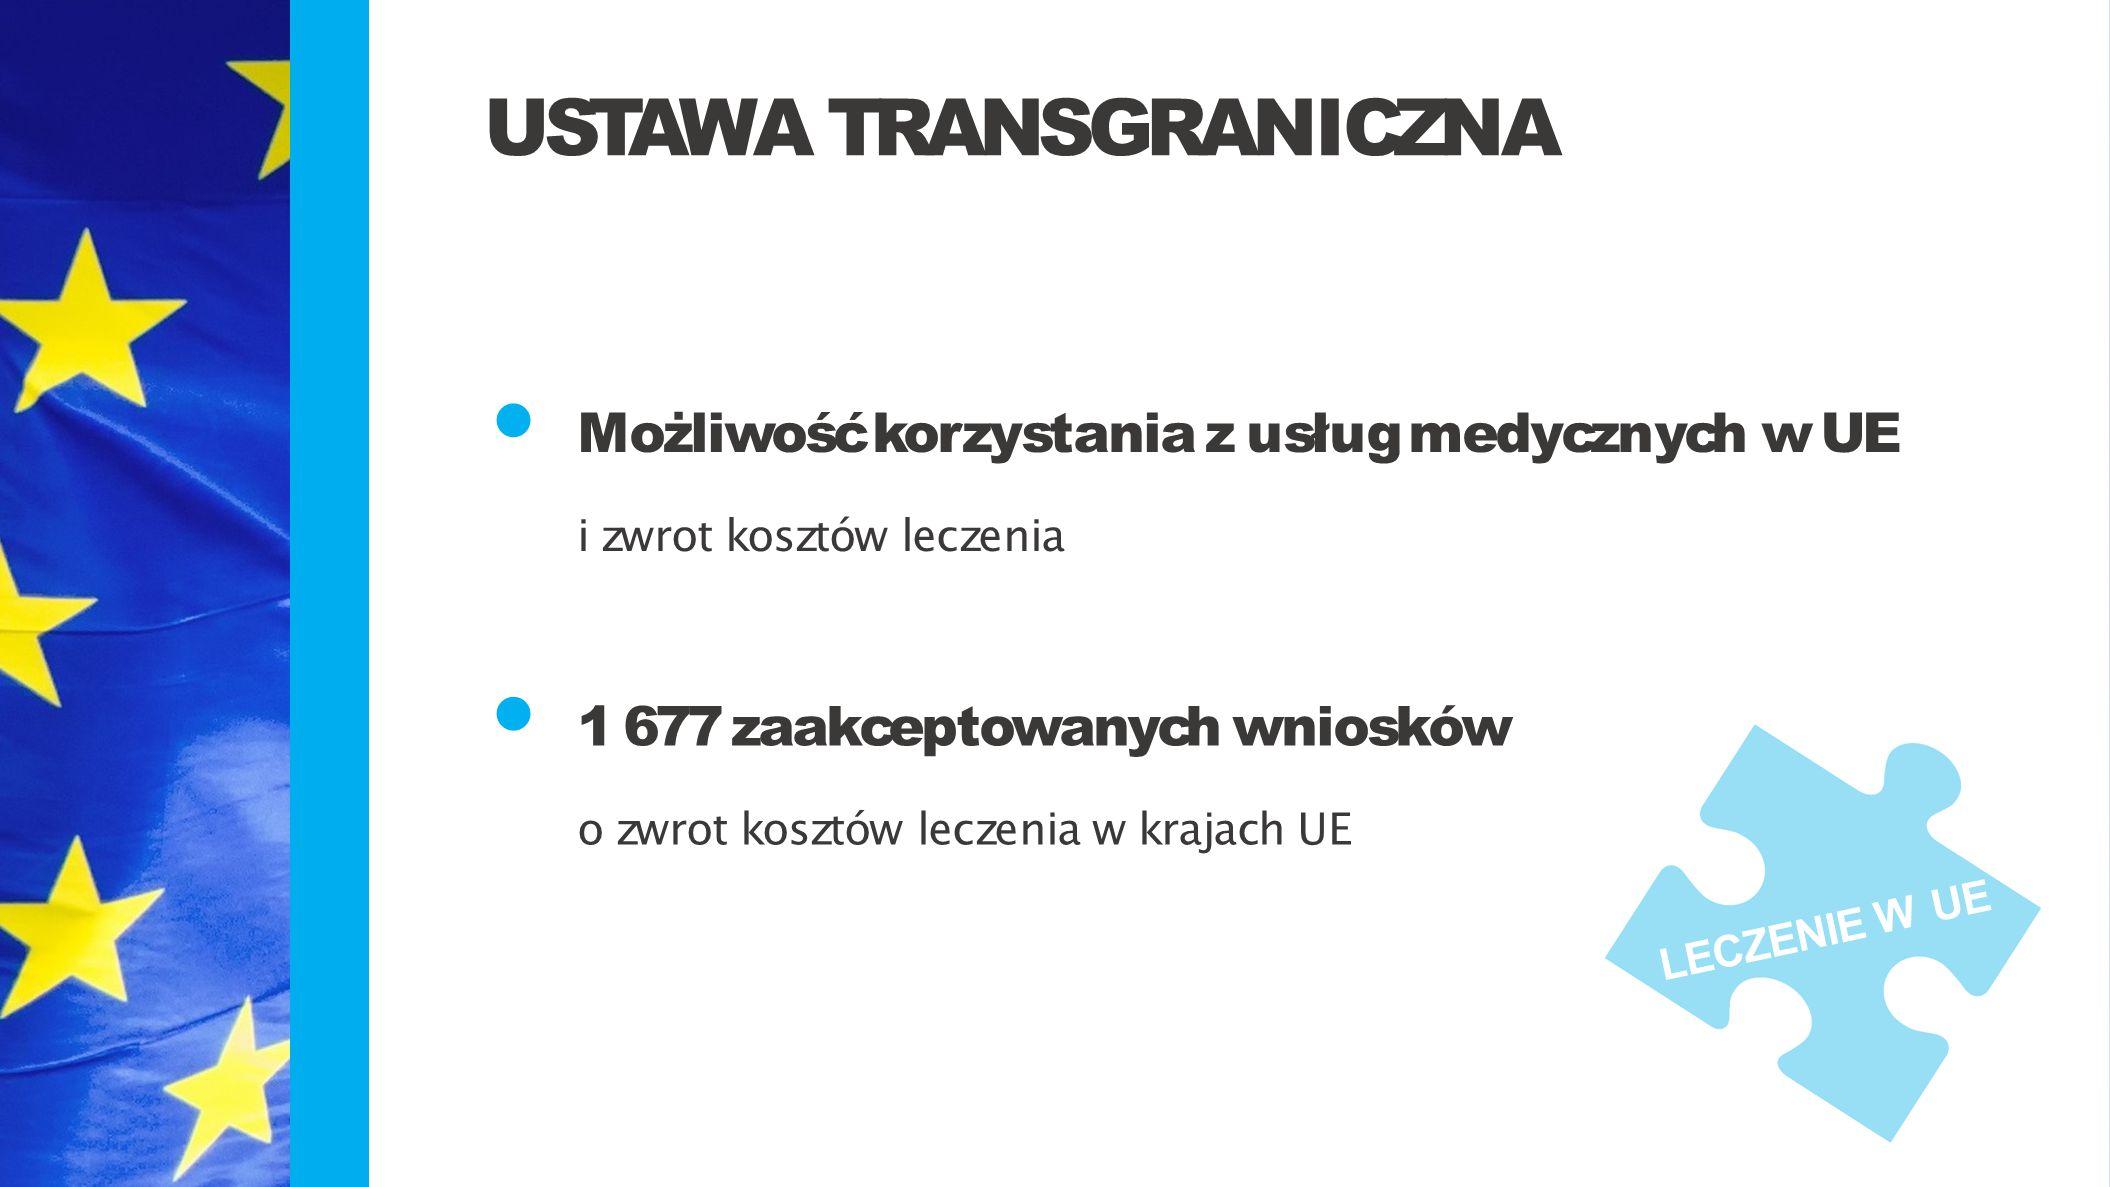 Możliwość korzystania z usług medycznych w UE i zwrot kosztów leczenia 1 677 zaakceptowanych wniosków o zwrot kosztów leczenia w krajach UE USTAWA TRA